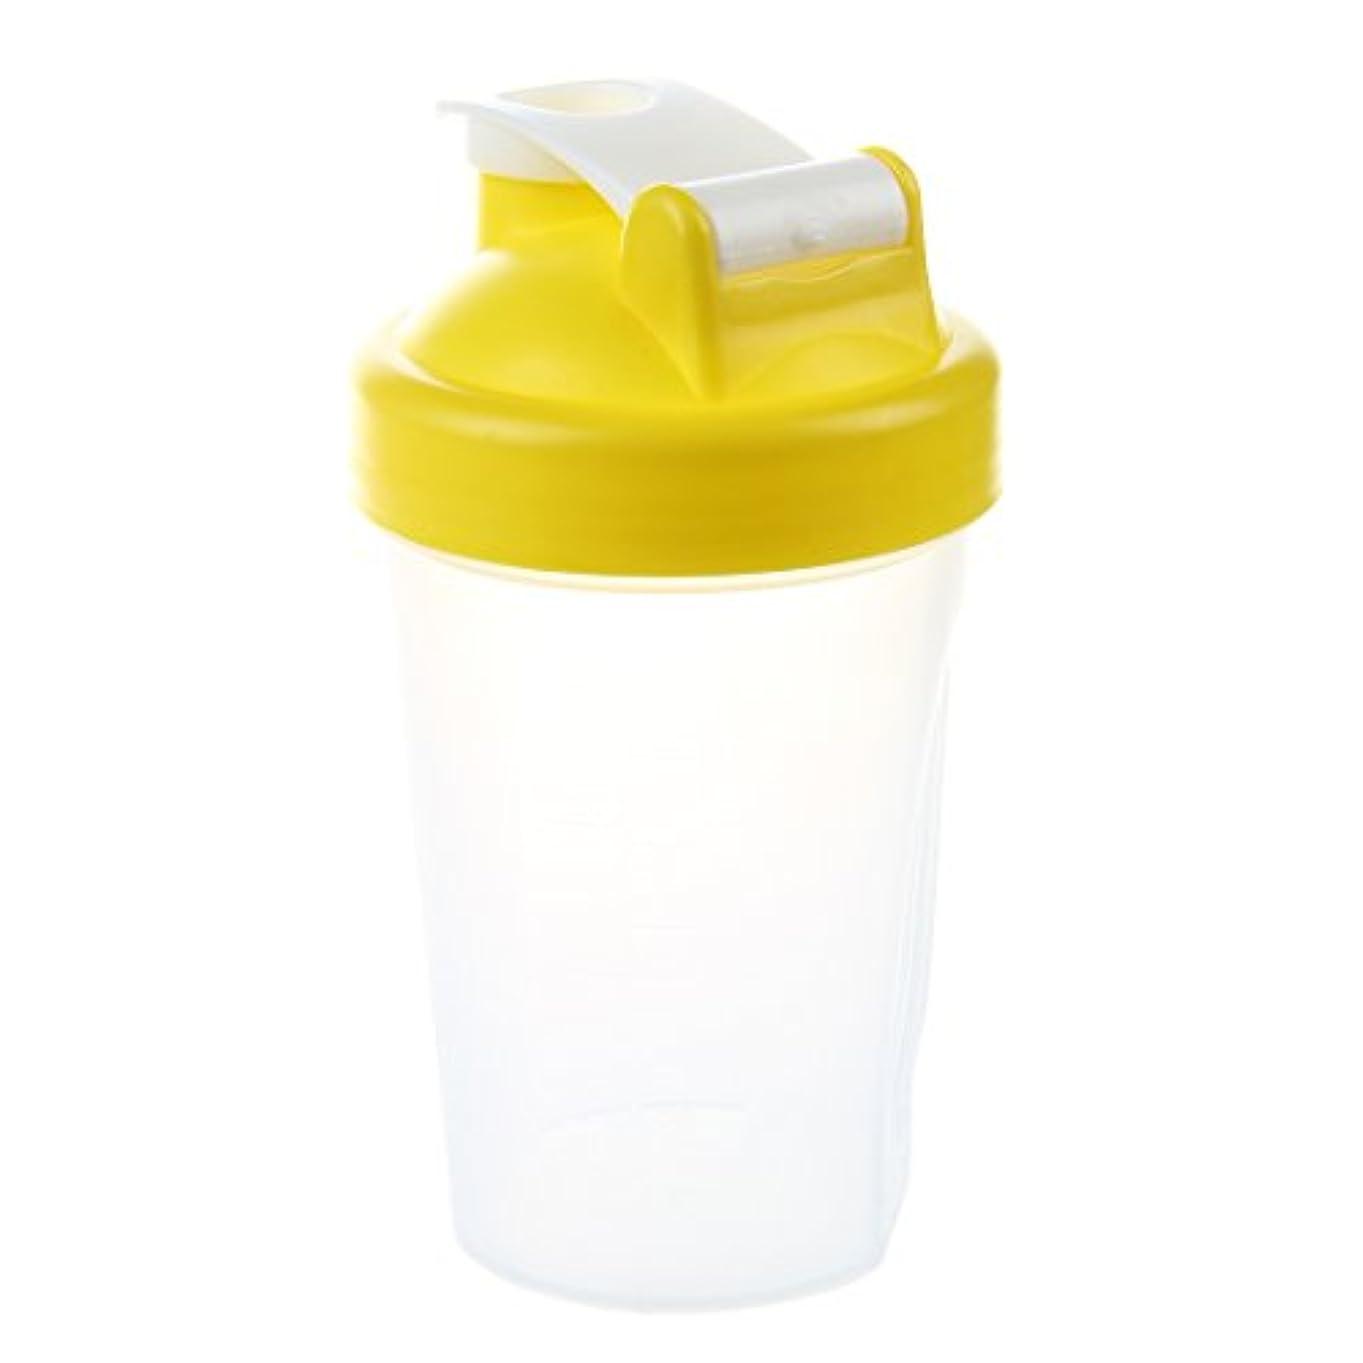 速記持ってるウイルスSODIAL スマートシェイク ジムプロテインシェーカー ミキサーカップミキサーボトル ステンレスウィスキーボールが付きます イエローカラー